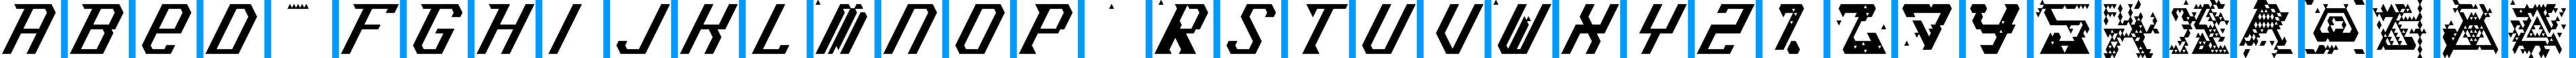 Particip-a-type v.241